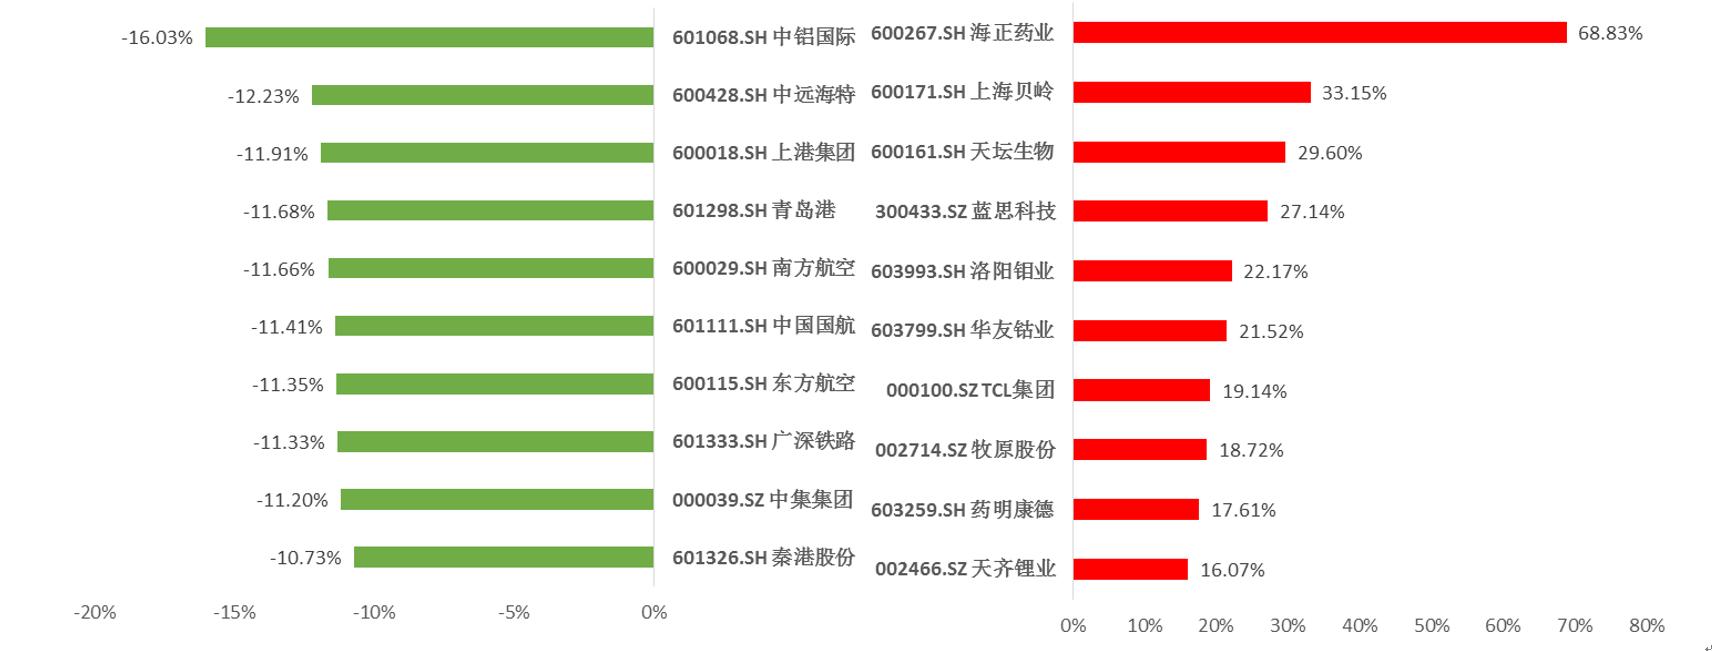 碧桂园沪深ESG100优选指数成分股市场表现排名(2020/1/18-2020/2/17) 资料来源:新浪网大数据中心 商道融绿咨询有限公司